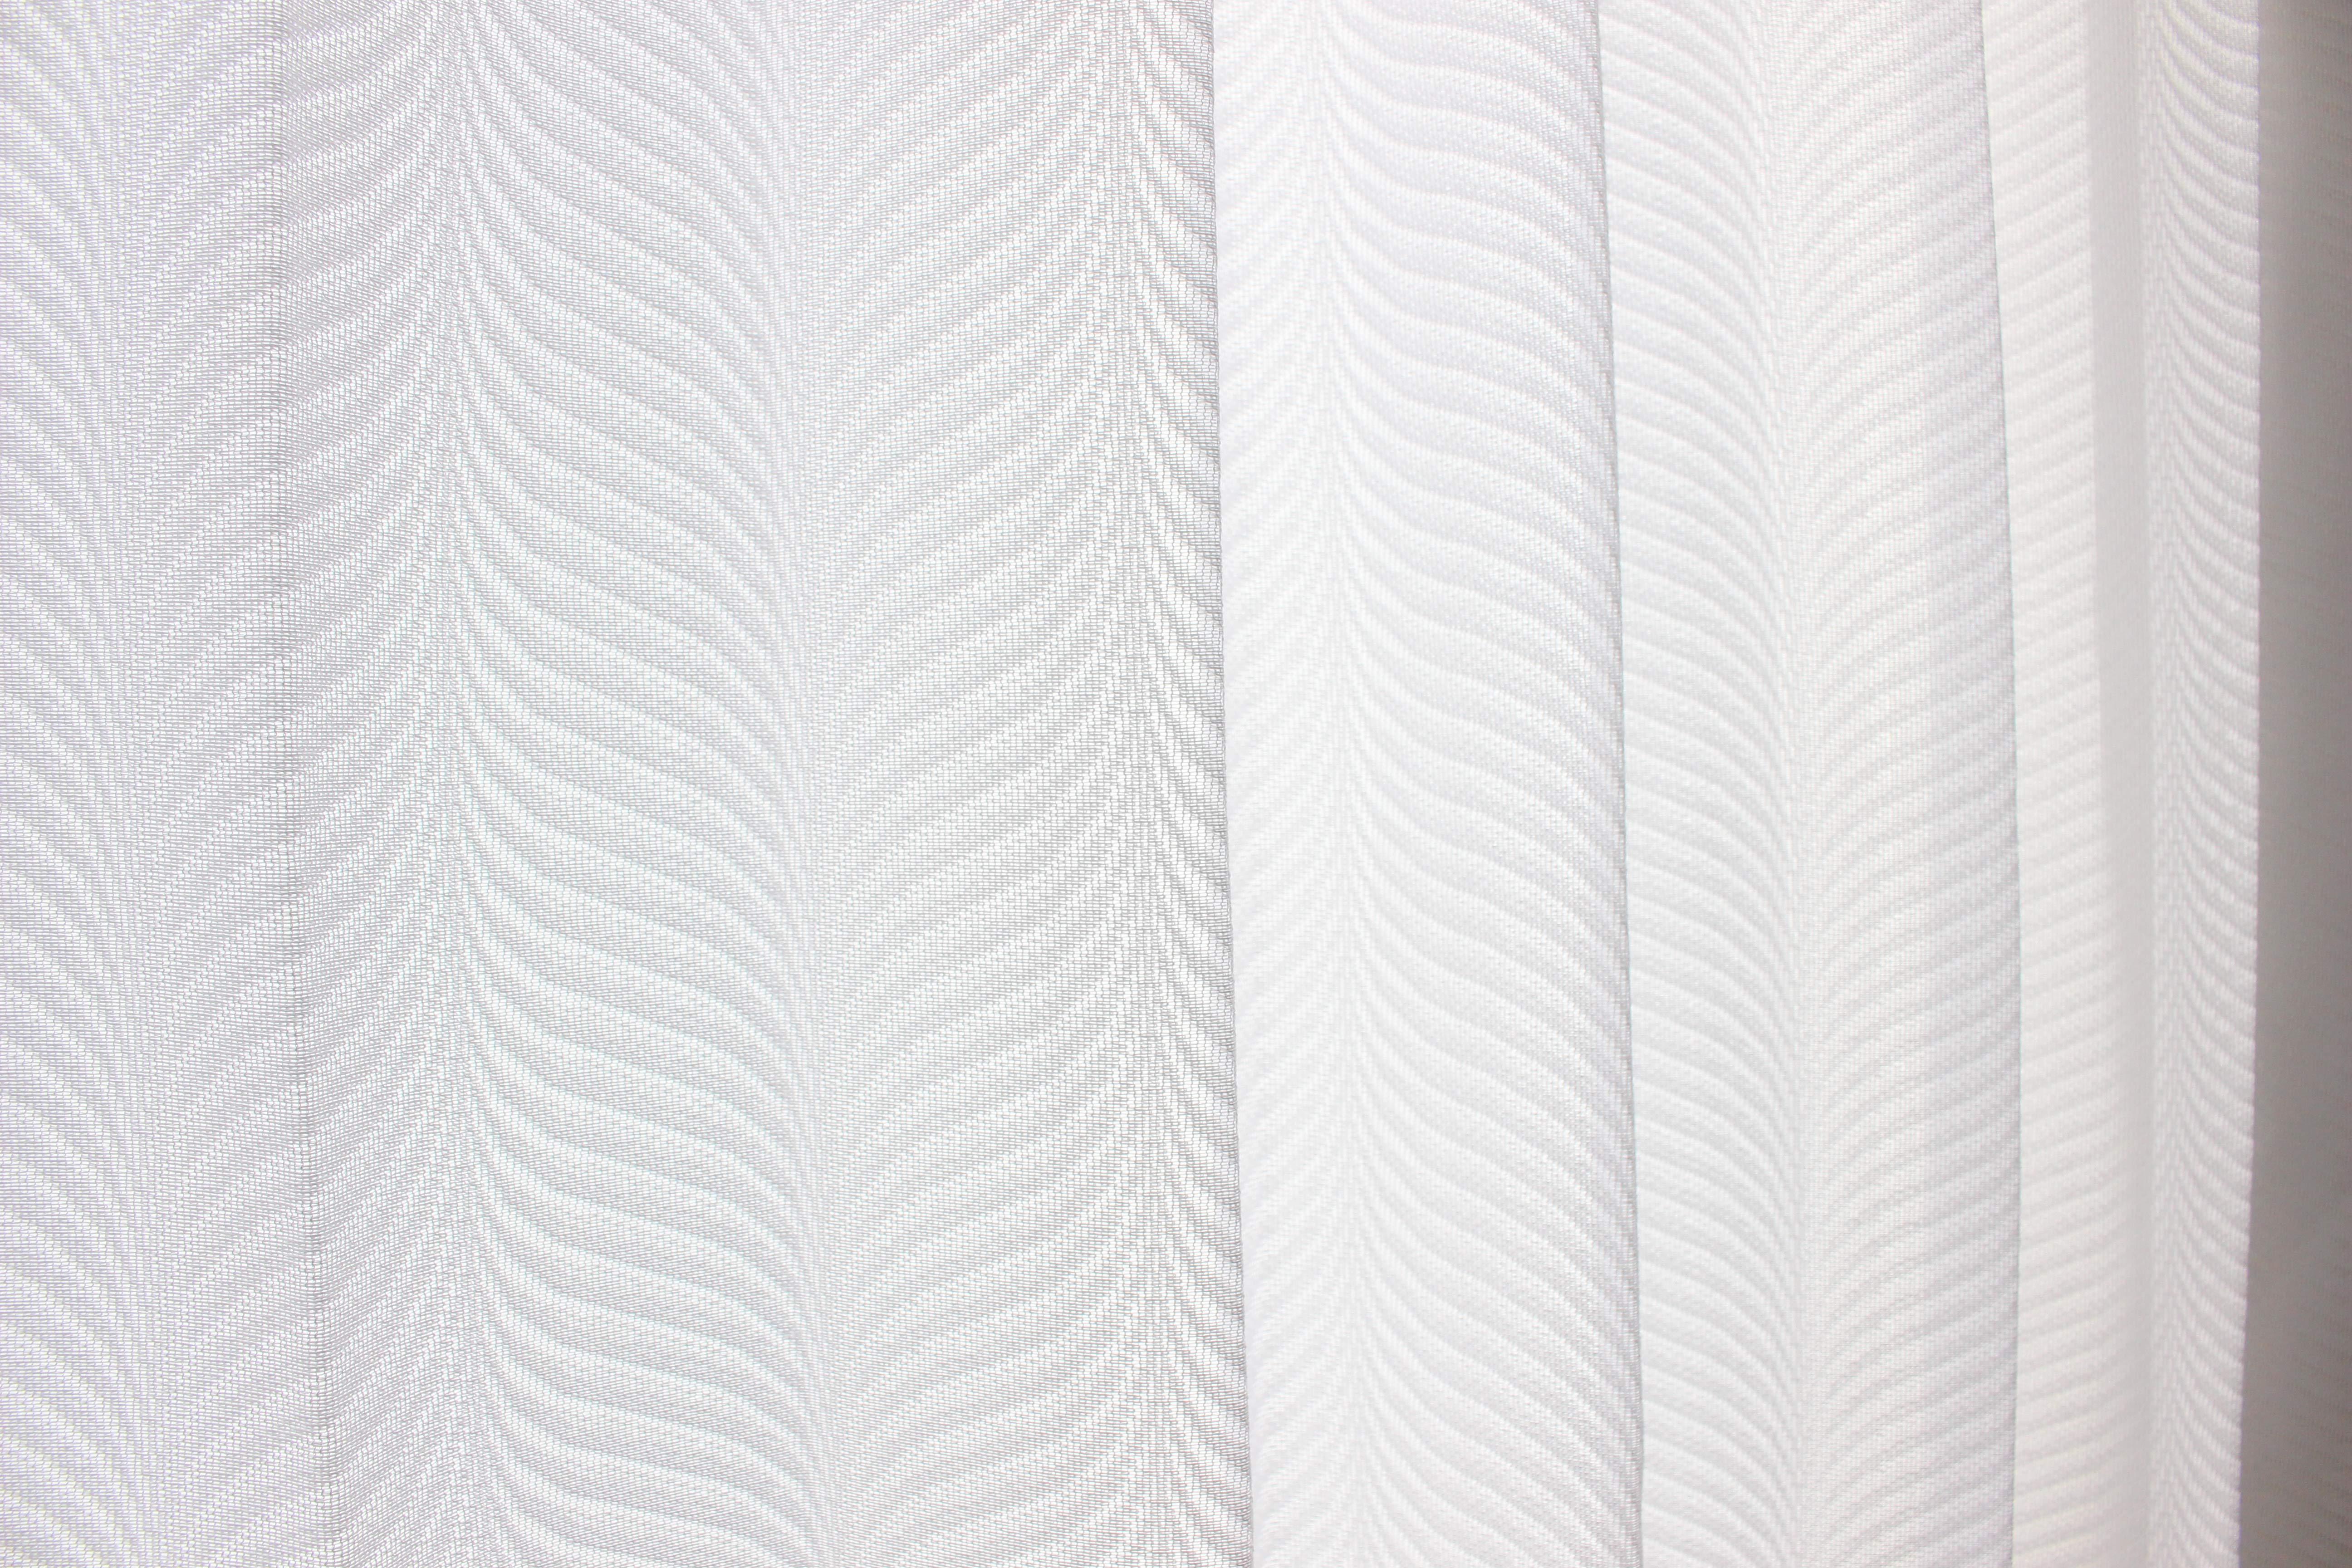 【既製品レースカーテン】ロマネスク